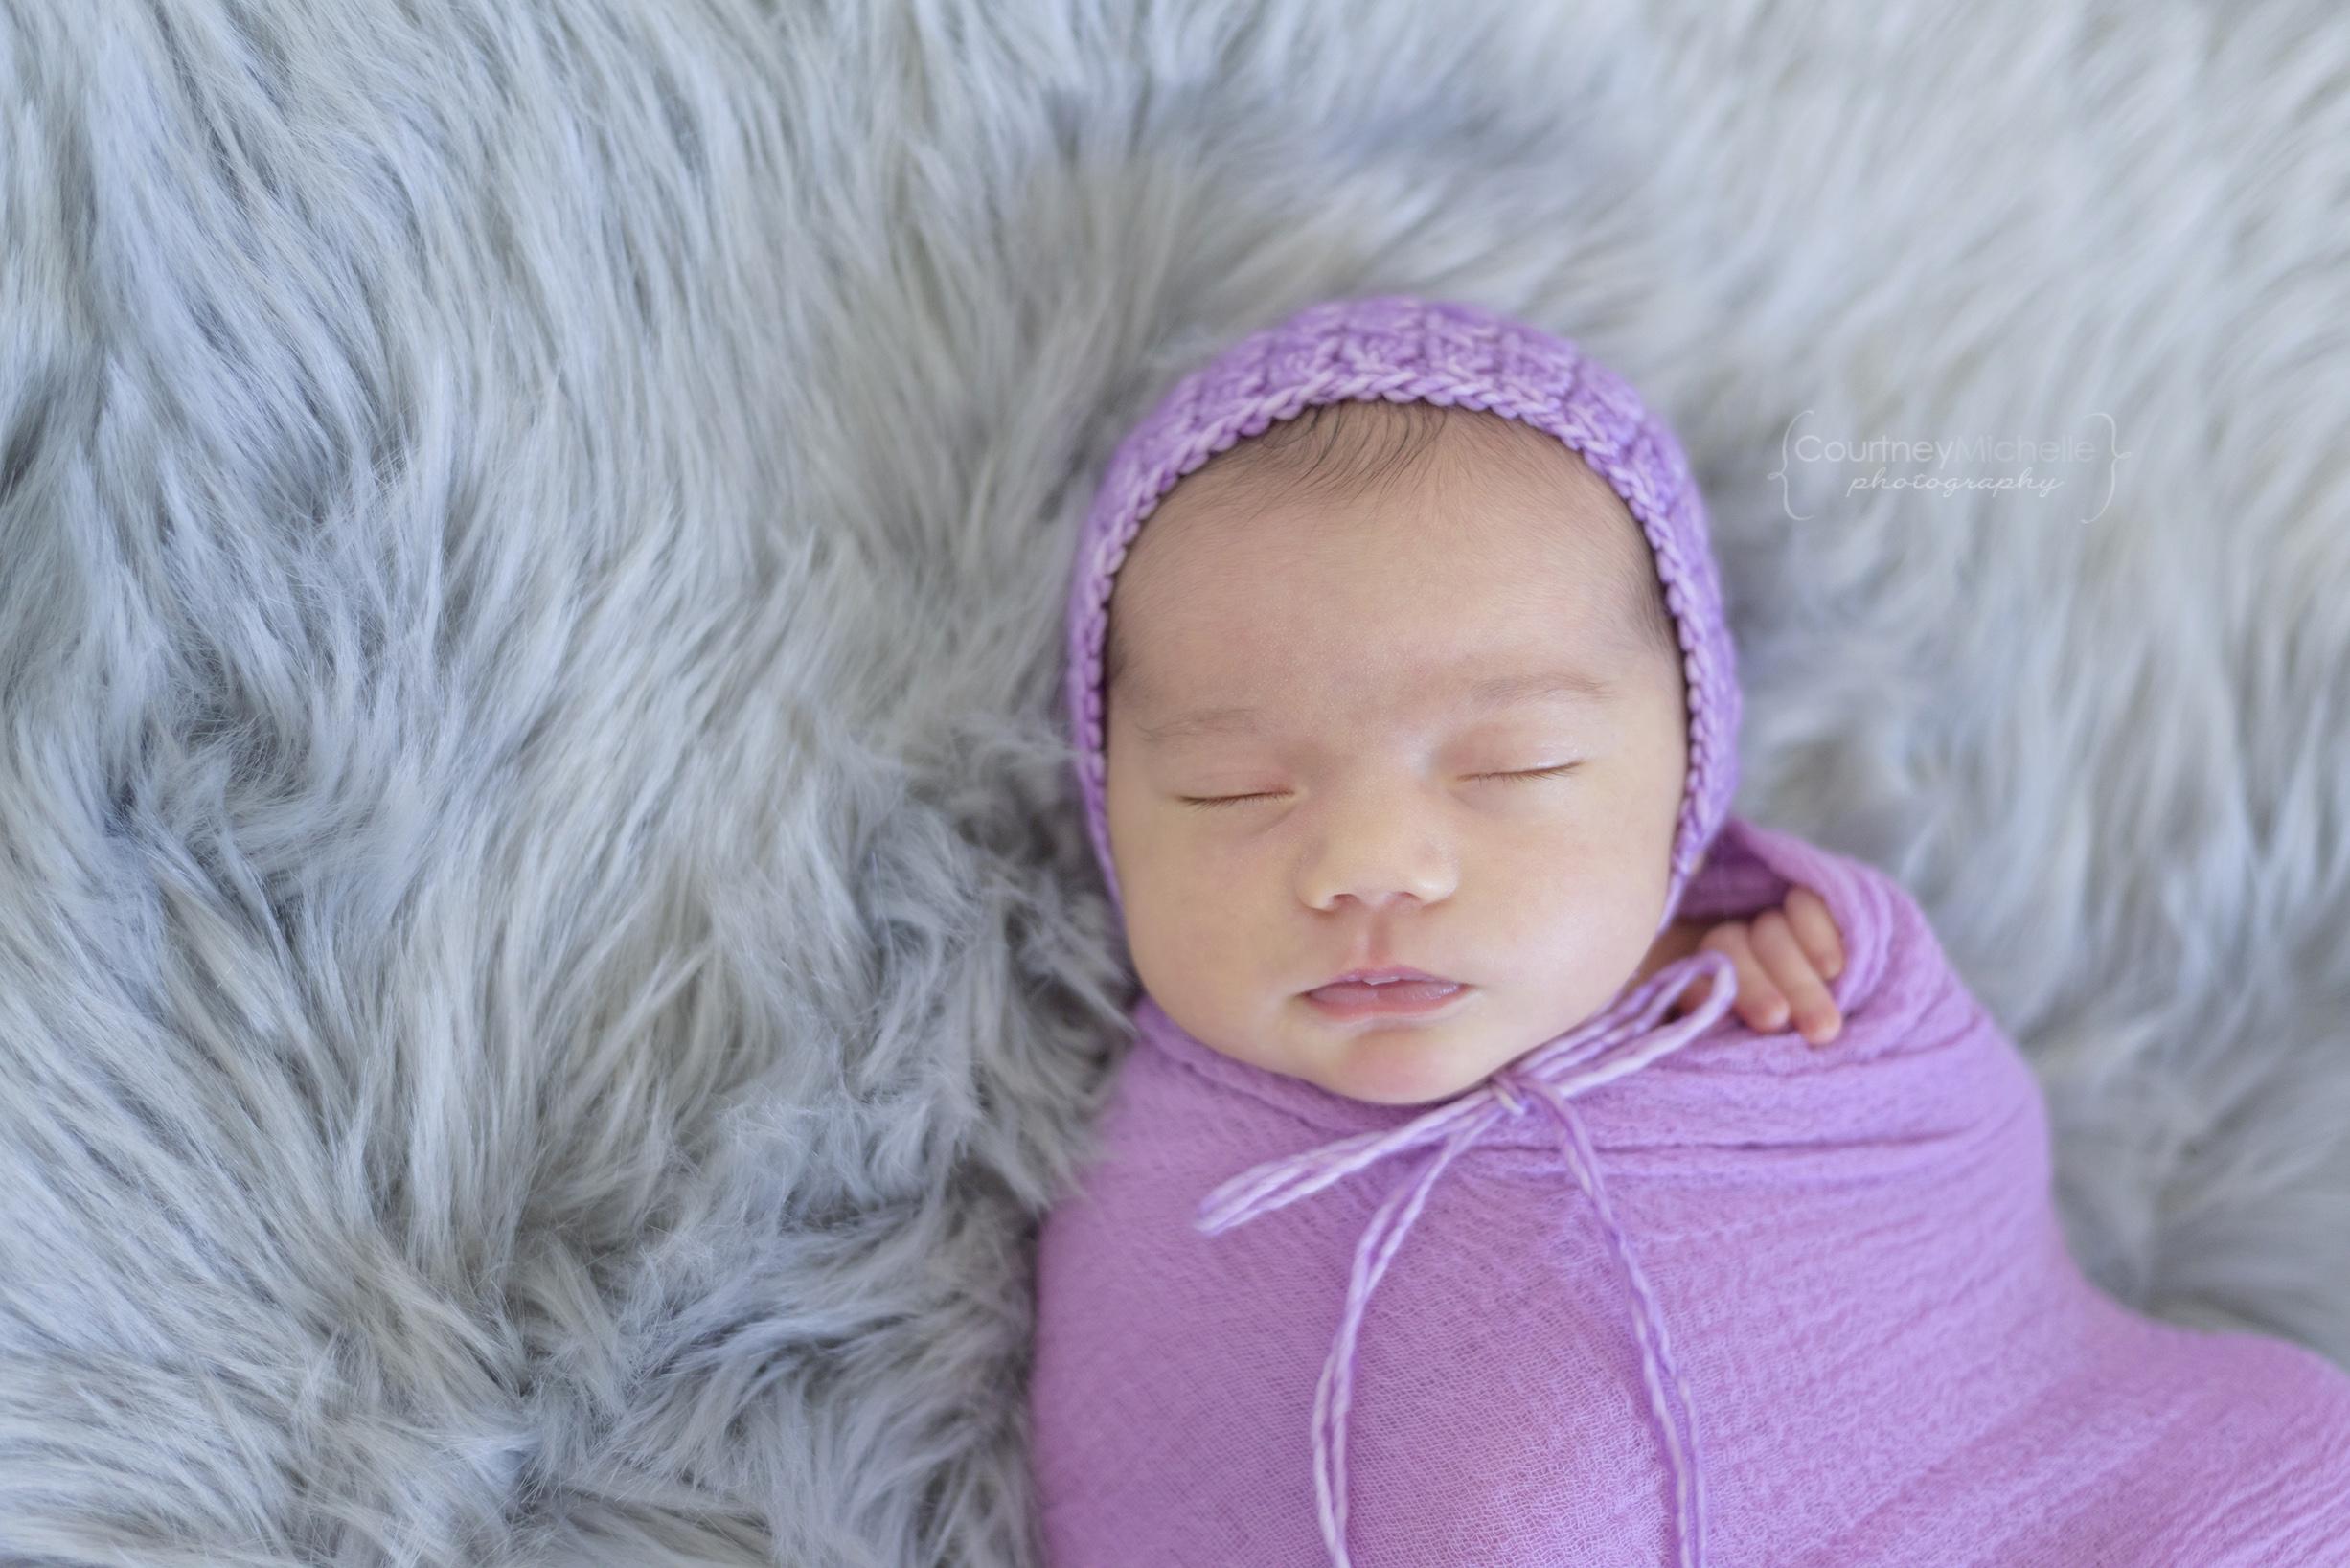 baby-in-hat-chicago-newborn-photographer-courtney-laper©COPYRIGHTCMP-edit-1828.jpg